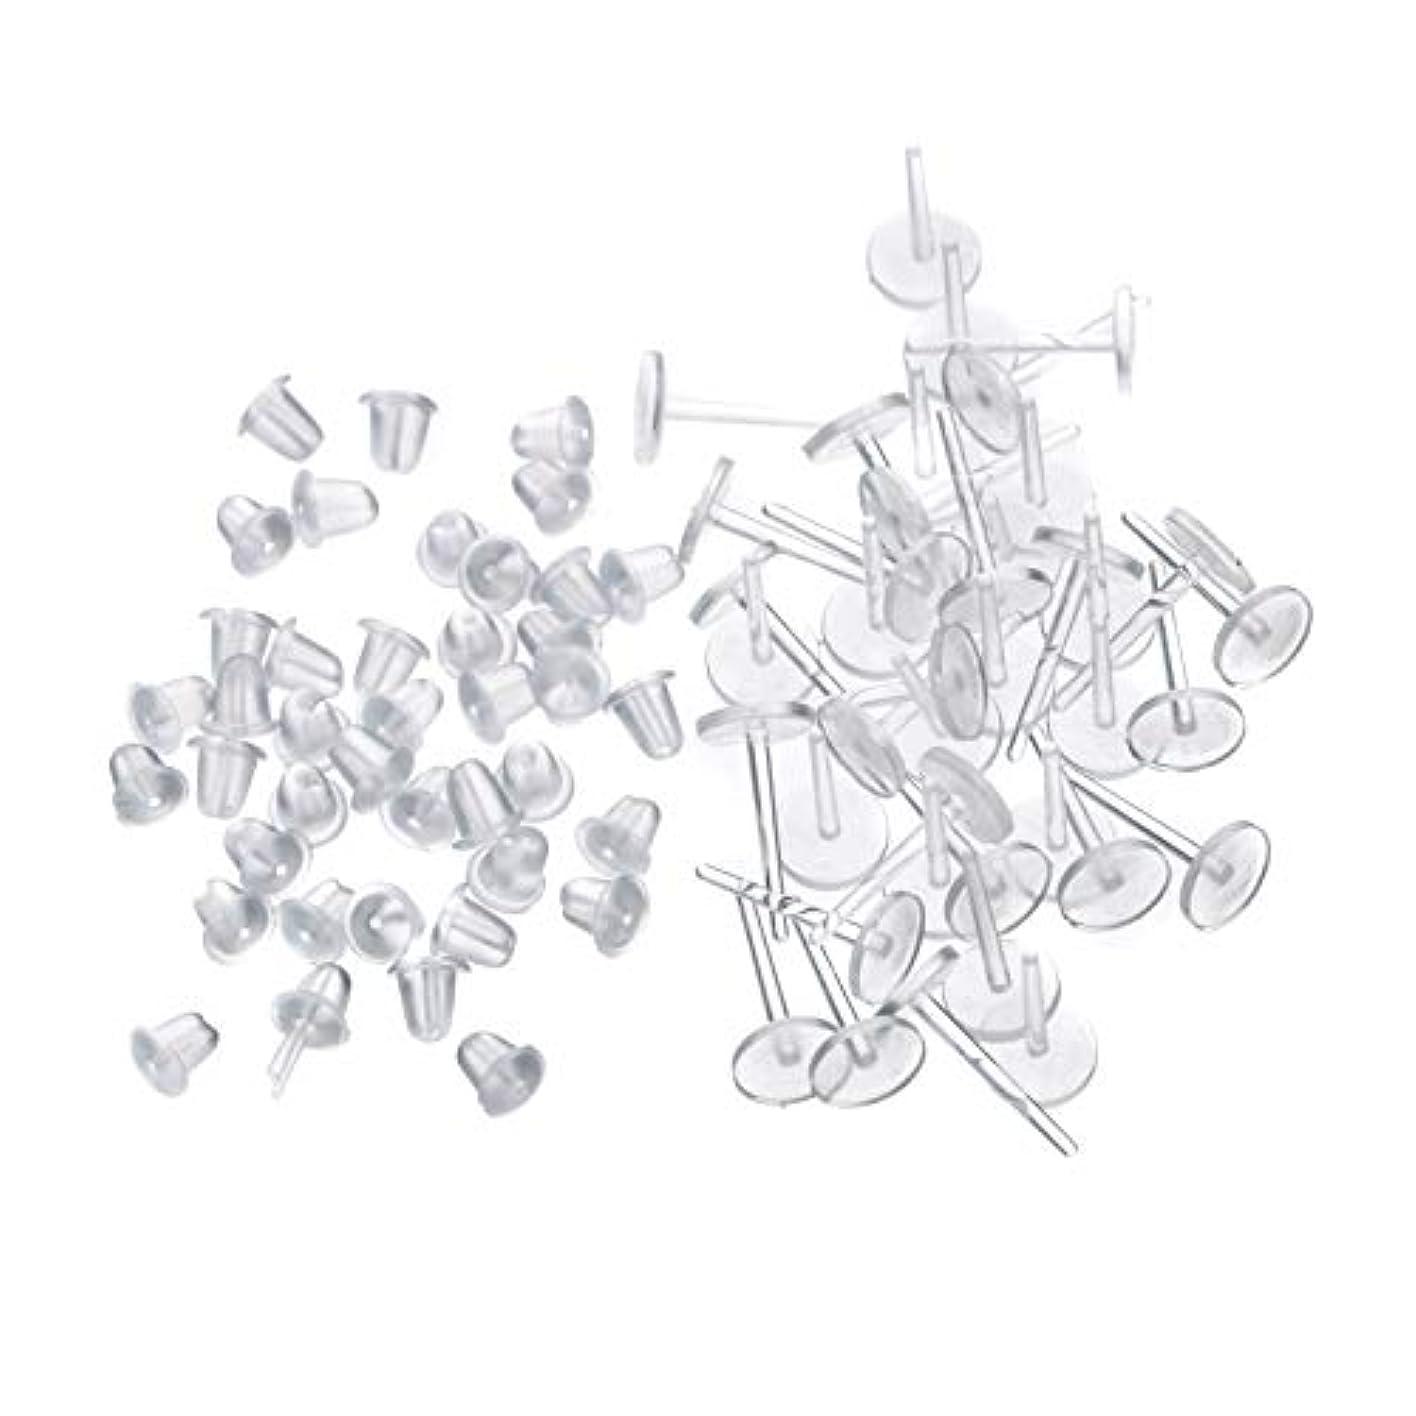 絶縁する噛む終点シークレットピアス 樹脂透明ピアス 金属アレルギーフリー ピアスホール維持に最適 (20セット)